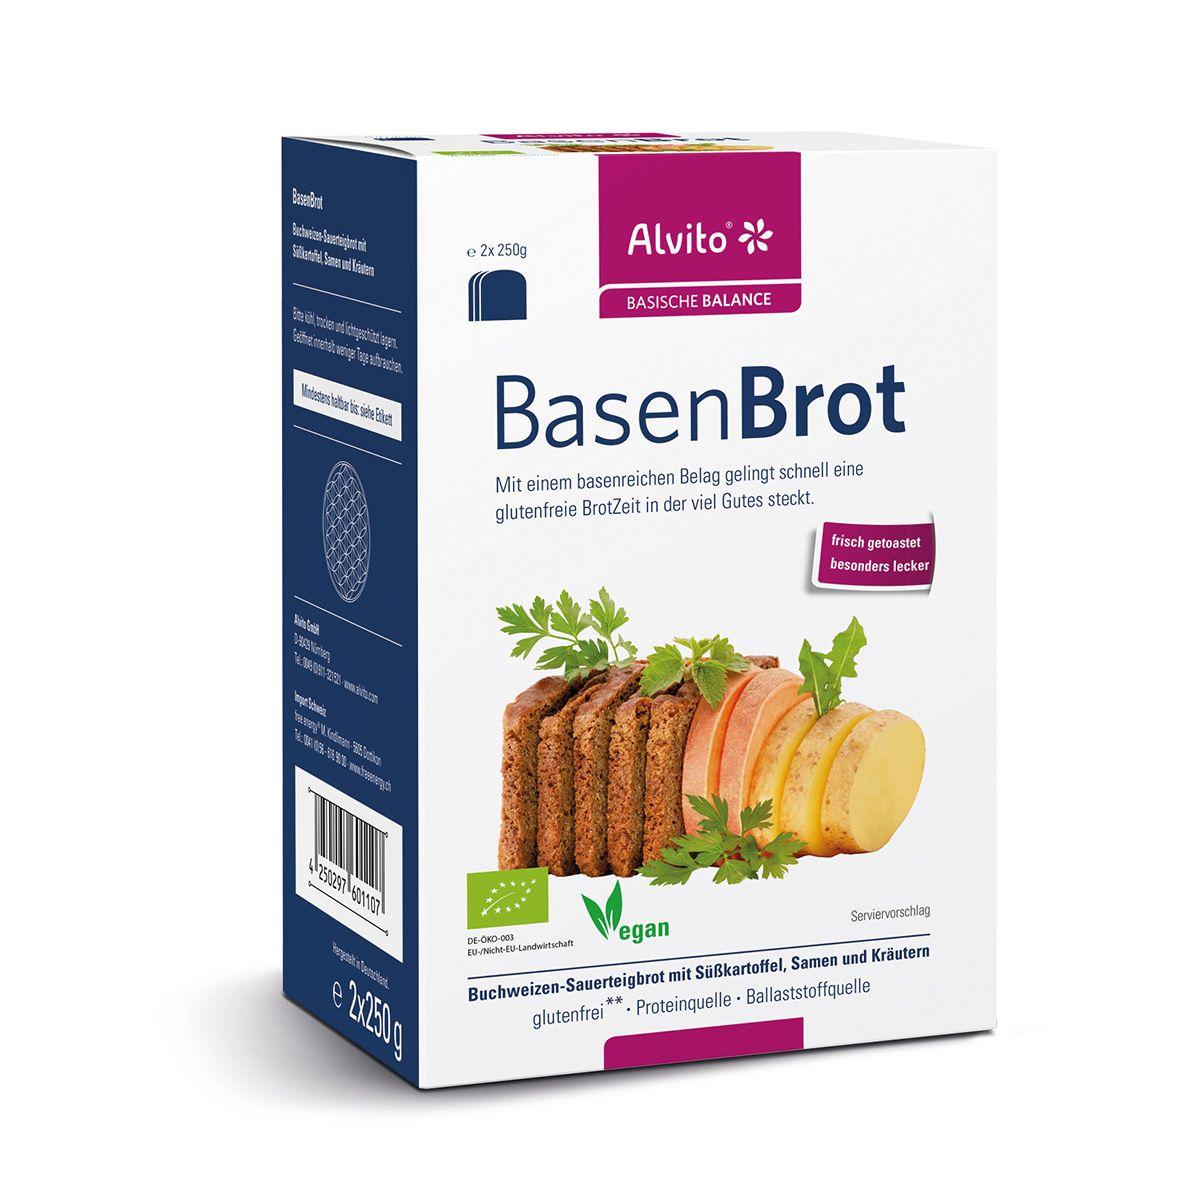 Alvito BasenBrot 500g - Mit einem basenreichen Belag gelingt schnell eine glutenfreie Brotzeit in der viel Gutes steckt. Das Grundrezept für dieses Brot basiert auf langjähriger Erfahrung und Freude an bewusster Ernährung.